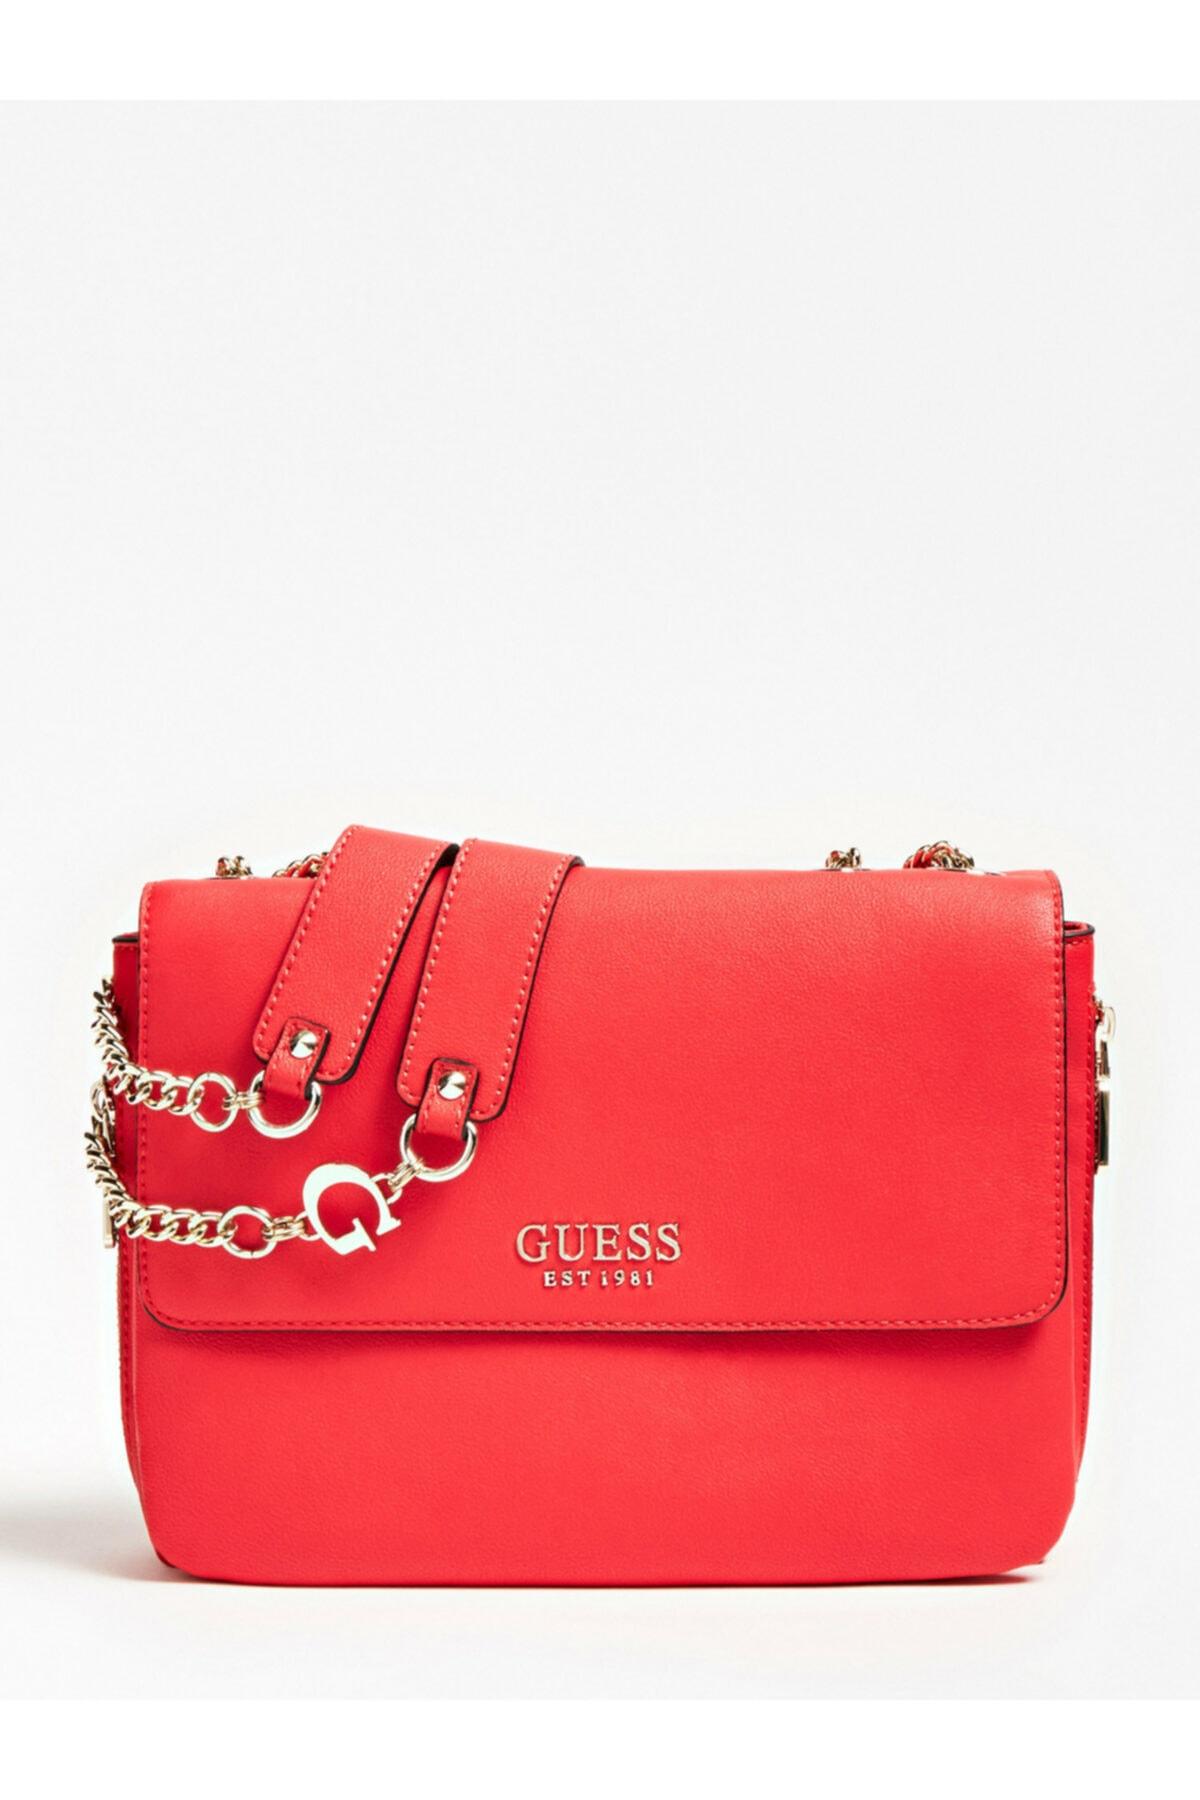 Guess Kadın Kırmızı G Chain Omuz Çantası 2